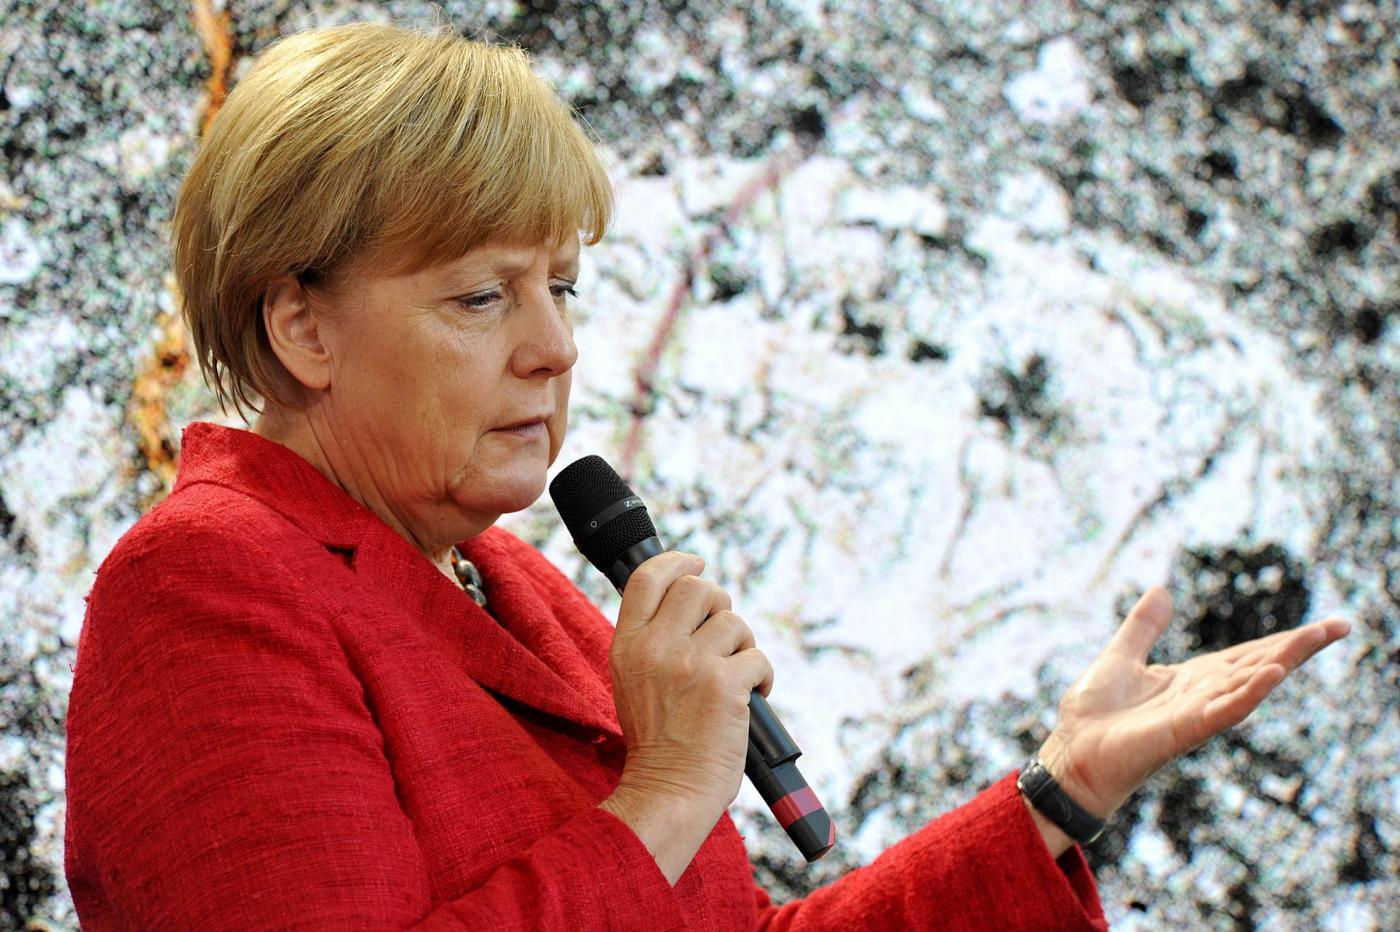 Germania in crisi economica: ora la recessione fa tremare anche i tedeschi